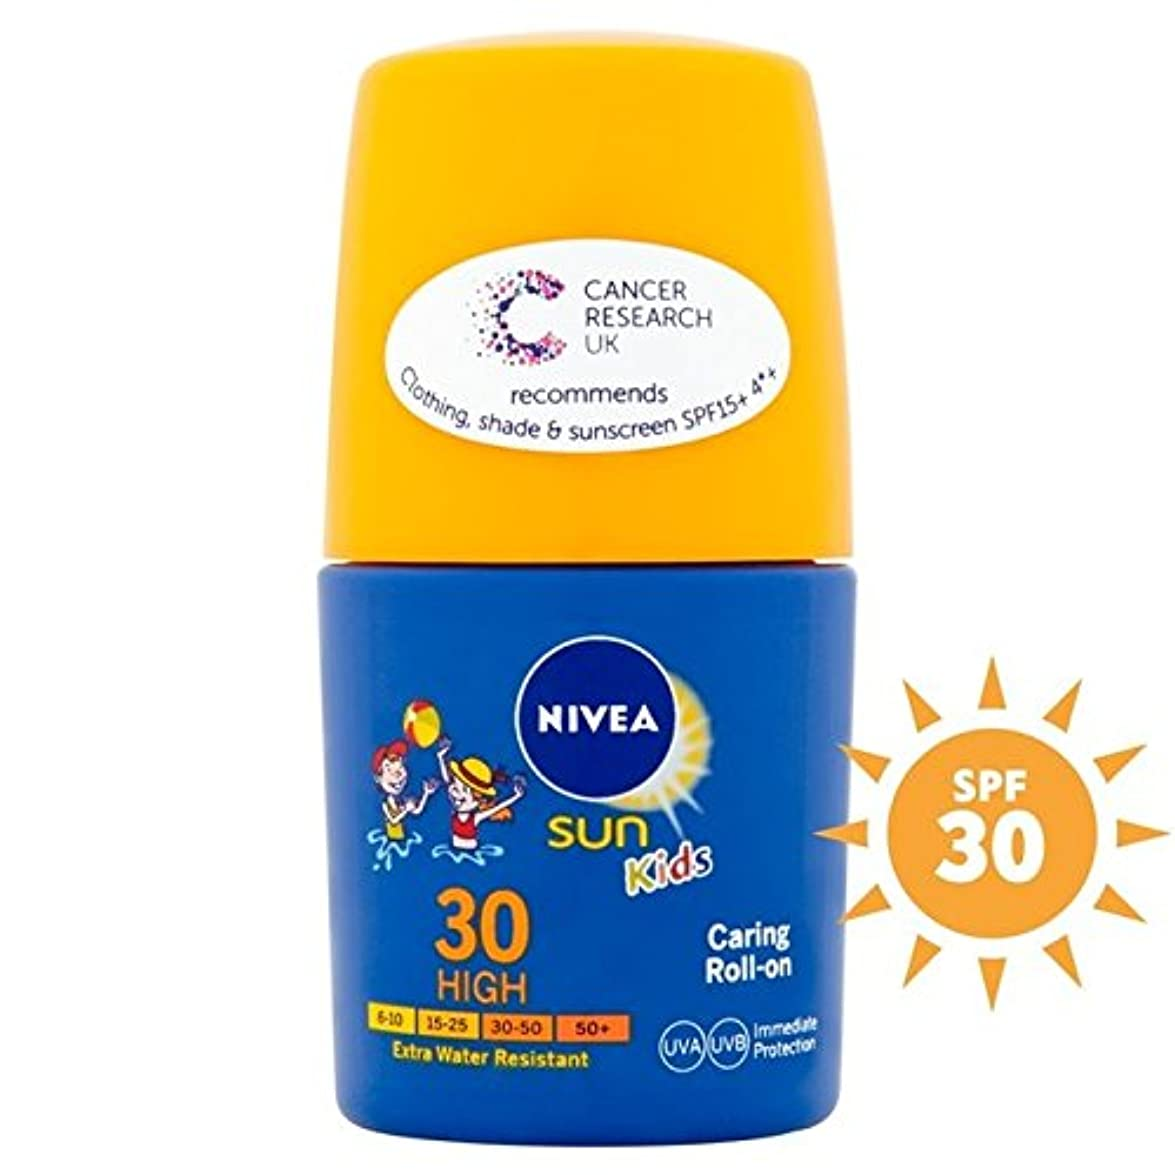 ミシン裕福な検索エンジン最適化30の50ミリリットルにロールを気遣うニベアの日の子供たち x4 - Nivea Sun Kids Caring Roll On SPF30 50ml (Pack of 4) [並行輸入品]